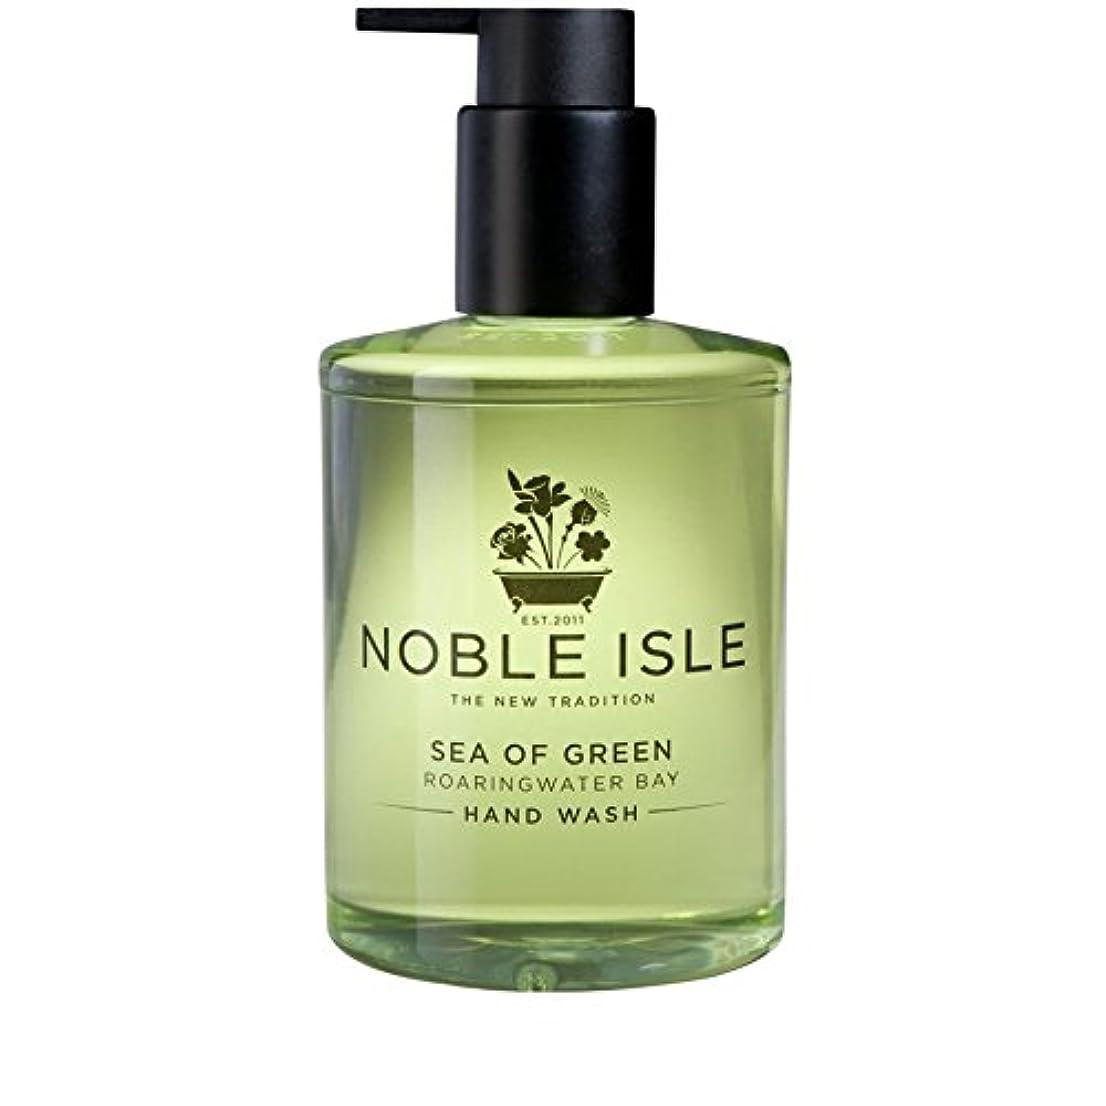 緑ベイハンドウォッシュ250ミリリットルの高貴な島の海 x2 - Noble Isle Sea of Green Roaringwater Bay Hand Wash 250ml (Pack of 2) [並行輸入品]